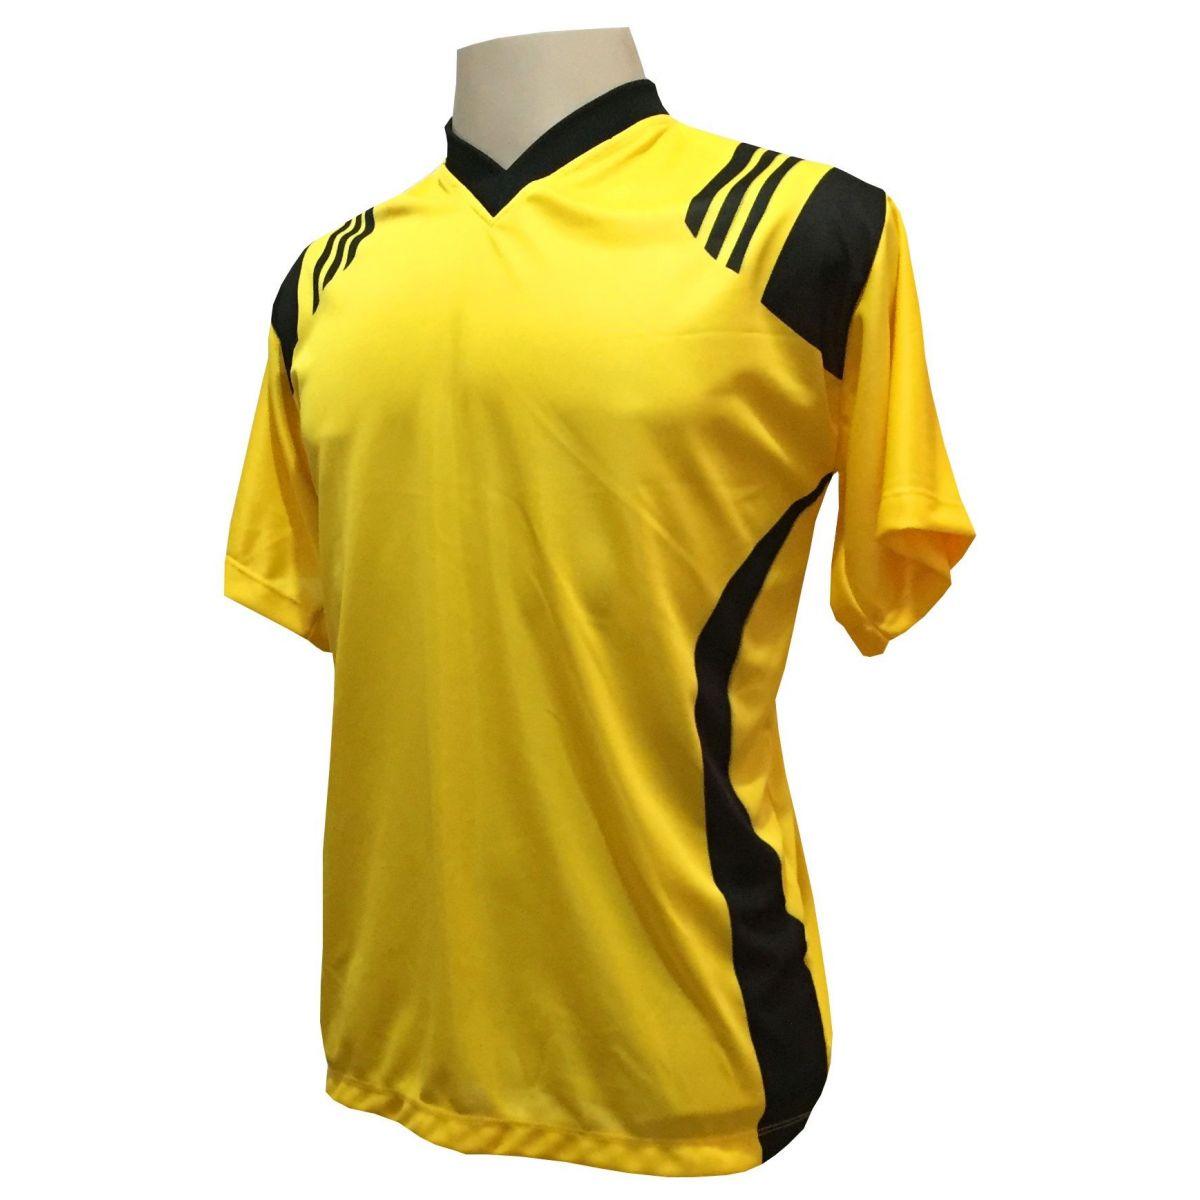 Fardamento Completo modelo Roma Amarelo/Preto 12+1 (12 camisas + 12 calções + 13 pares de meiões + 1 conjunto de goleiro) - Frete Grátis Brasil + Brindes